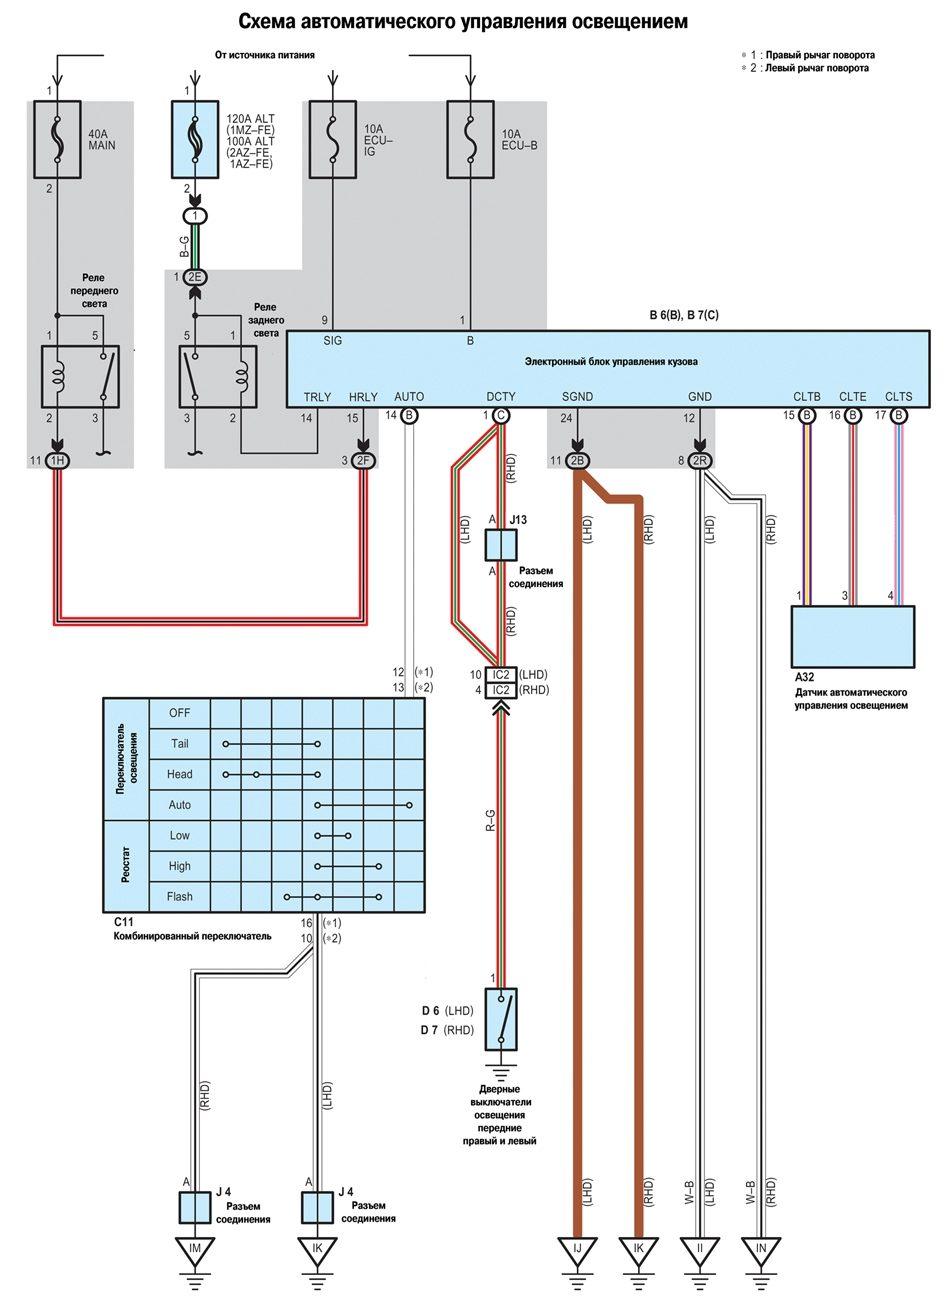 Toyota Camry (Тойота Камри) 2001-2005 года выпуска.  Cхема электрическая принципиальная АВТОМАТИЧЕСКОГО УПРАВЛЕНИЯ...